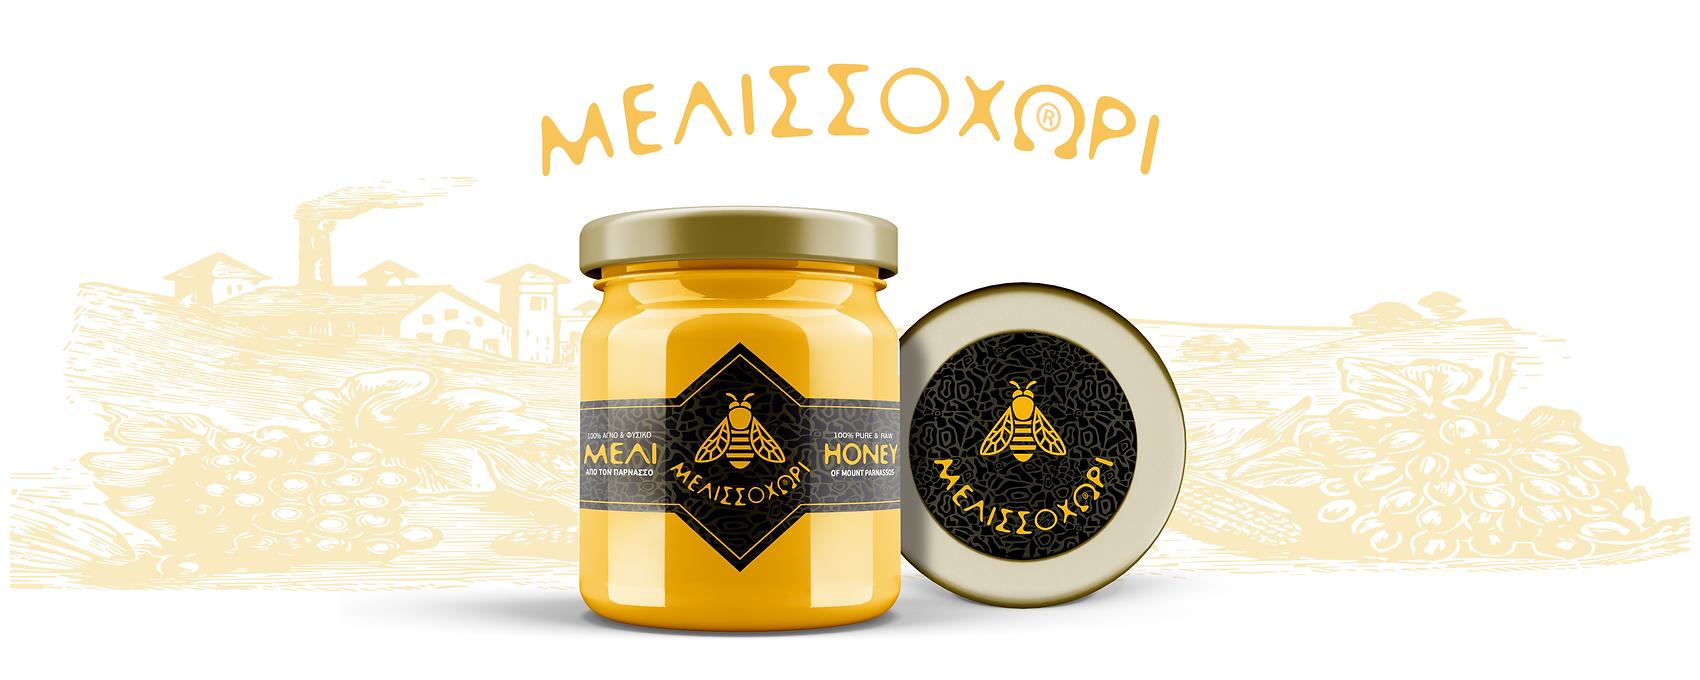 Melissoxori-01w.png